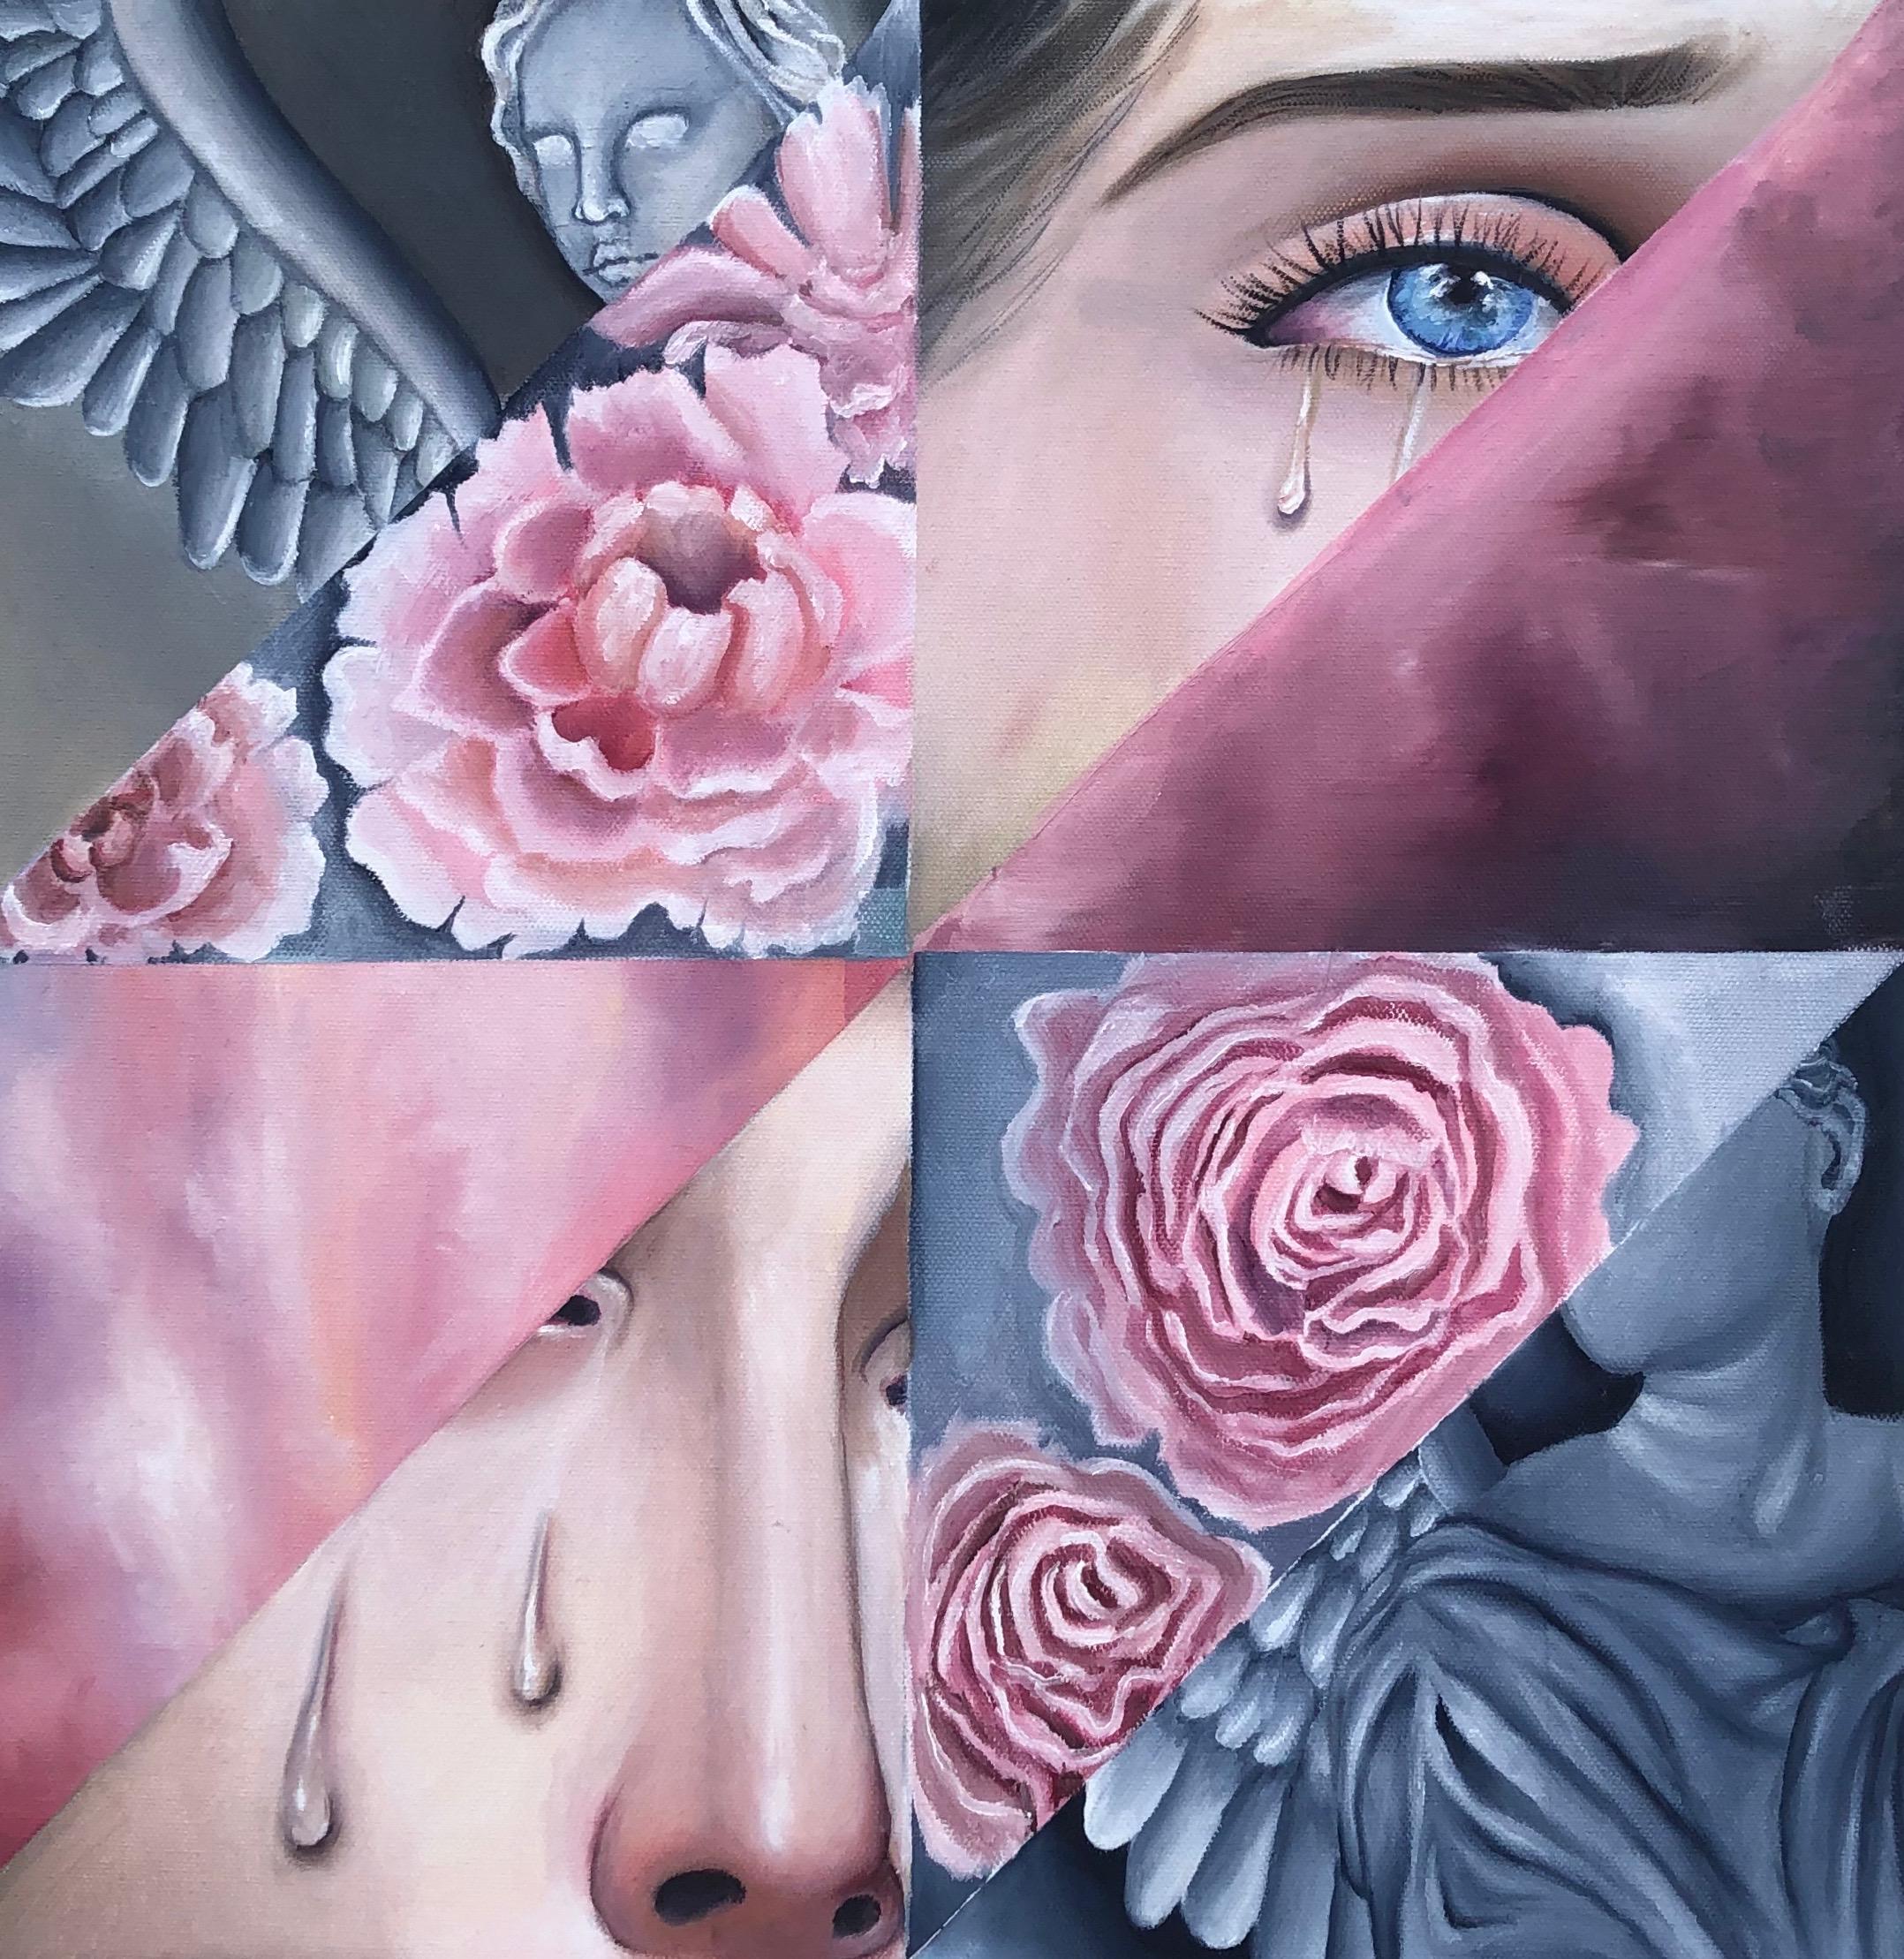 jimenez - Aphrodite